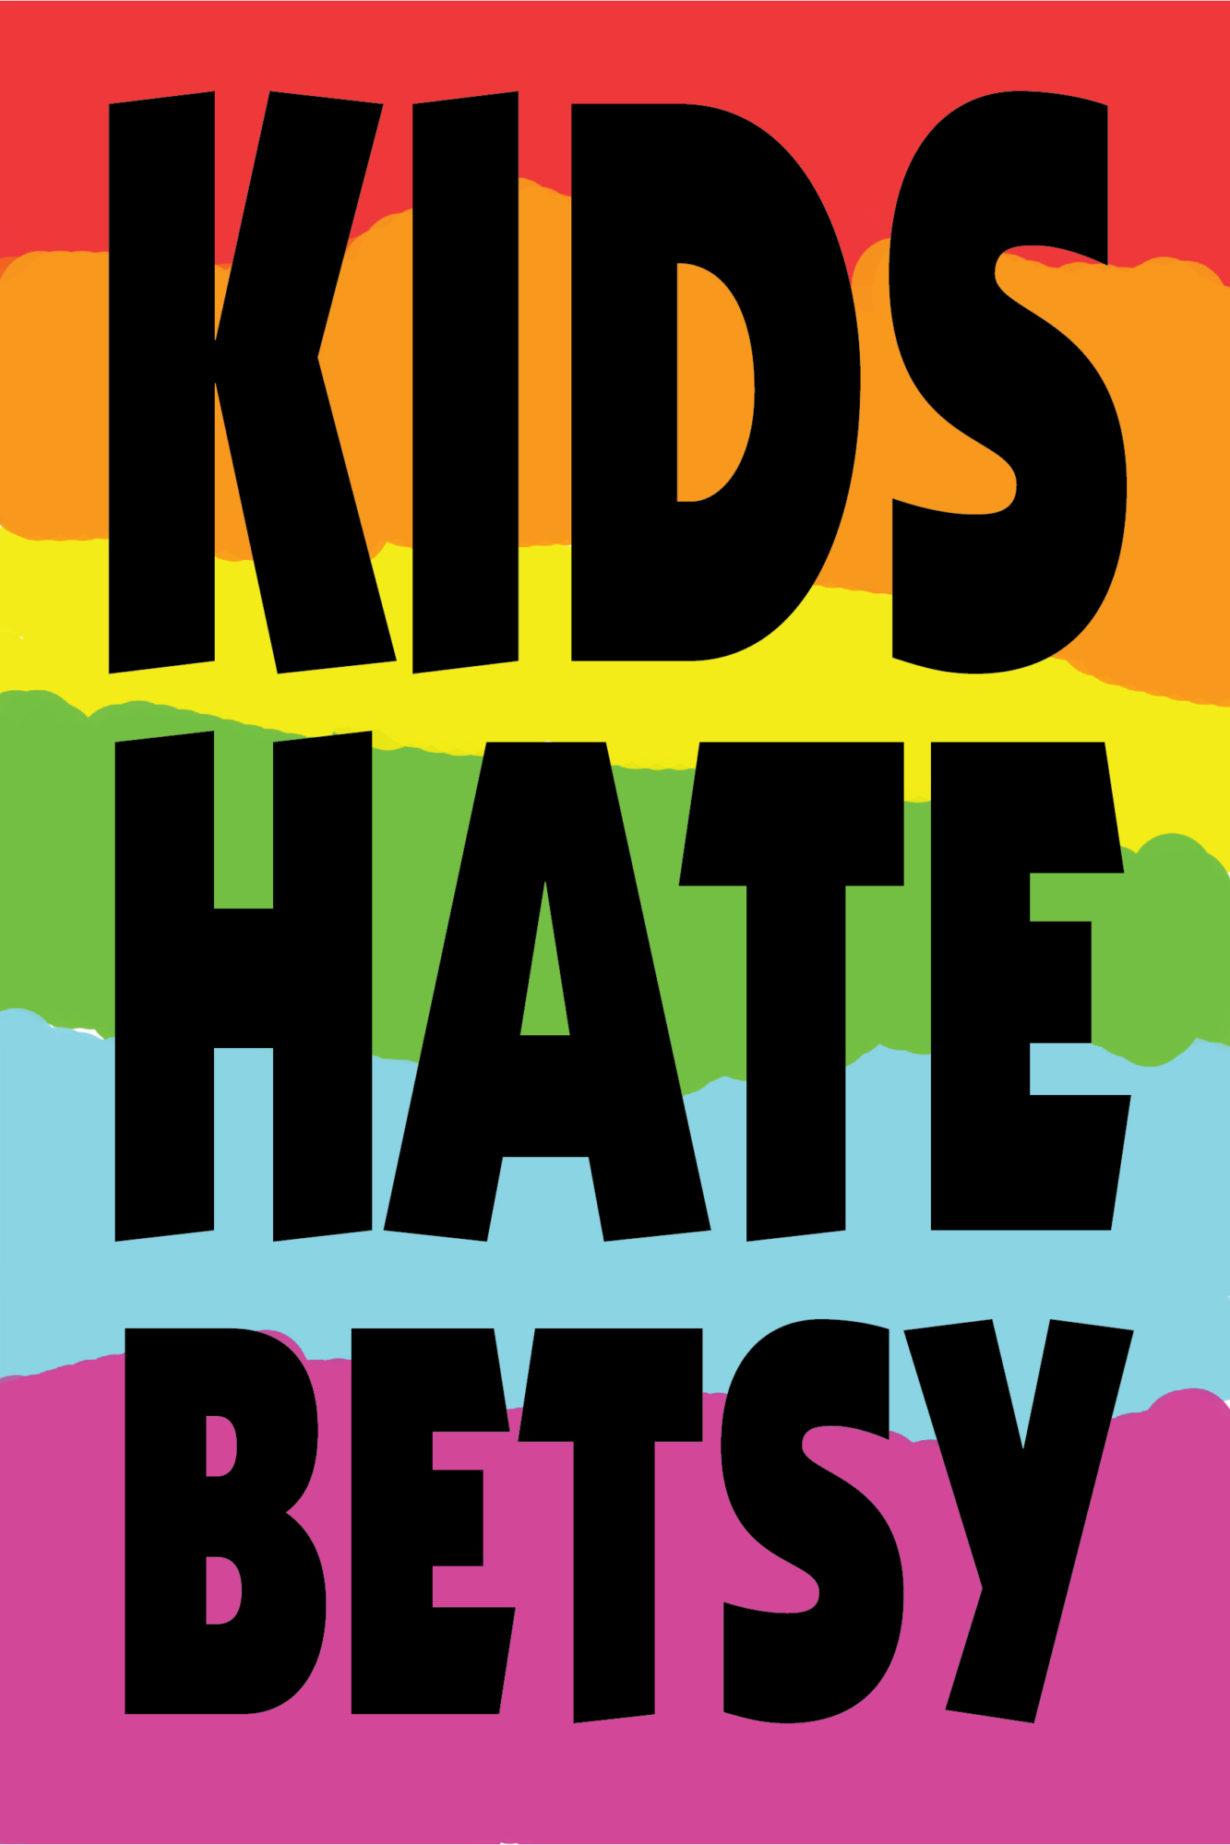 NP_01_25_2017_Kids-Hate-Betsy.jpg